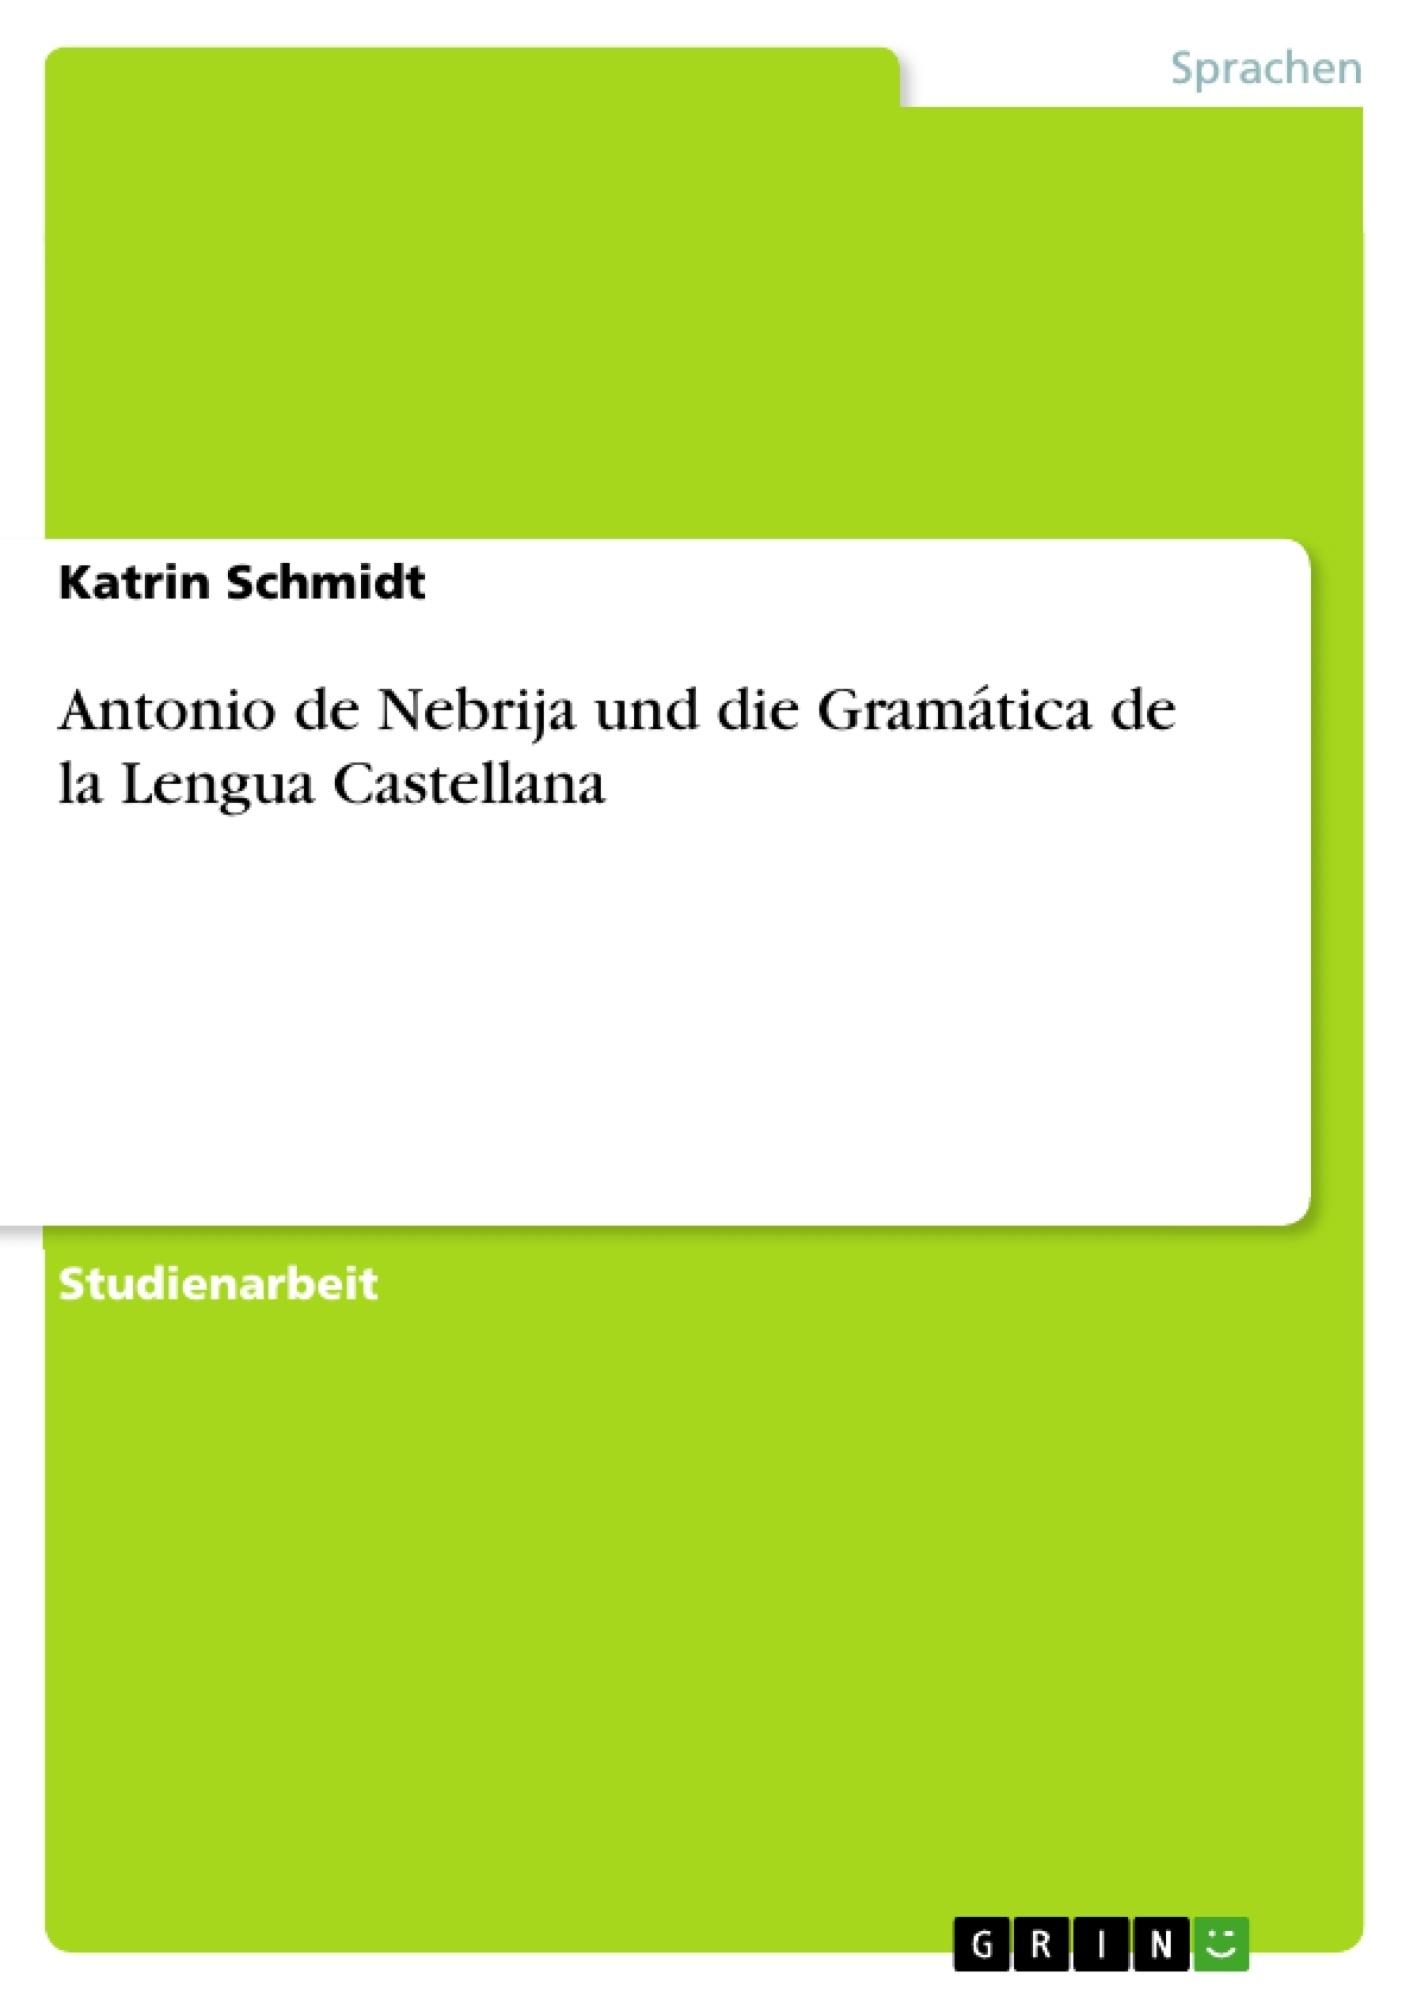 Titel: Antonio de Nebrija  und die Gramática de la Lengua Castellana